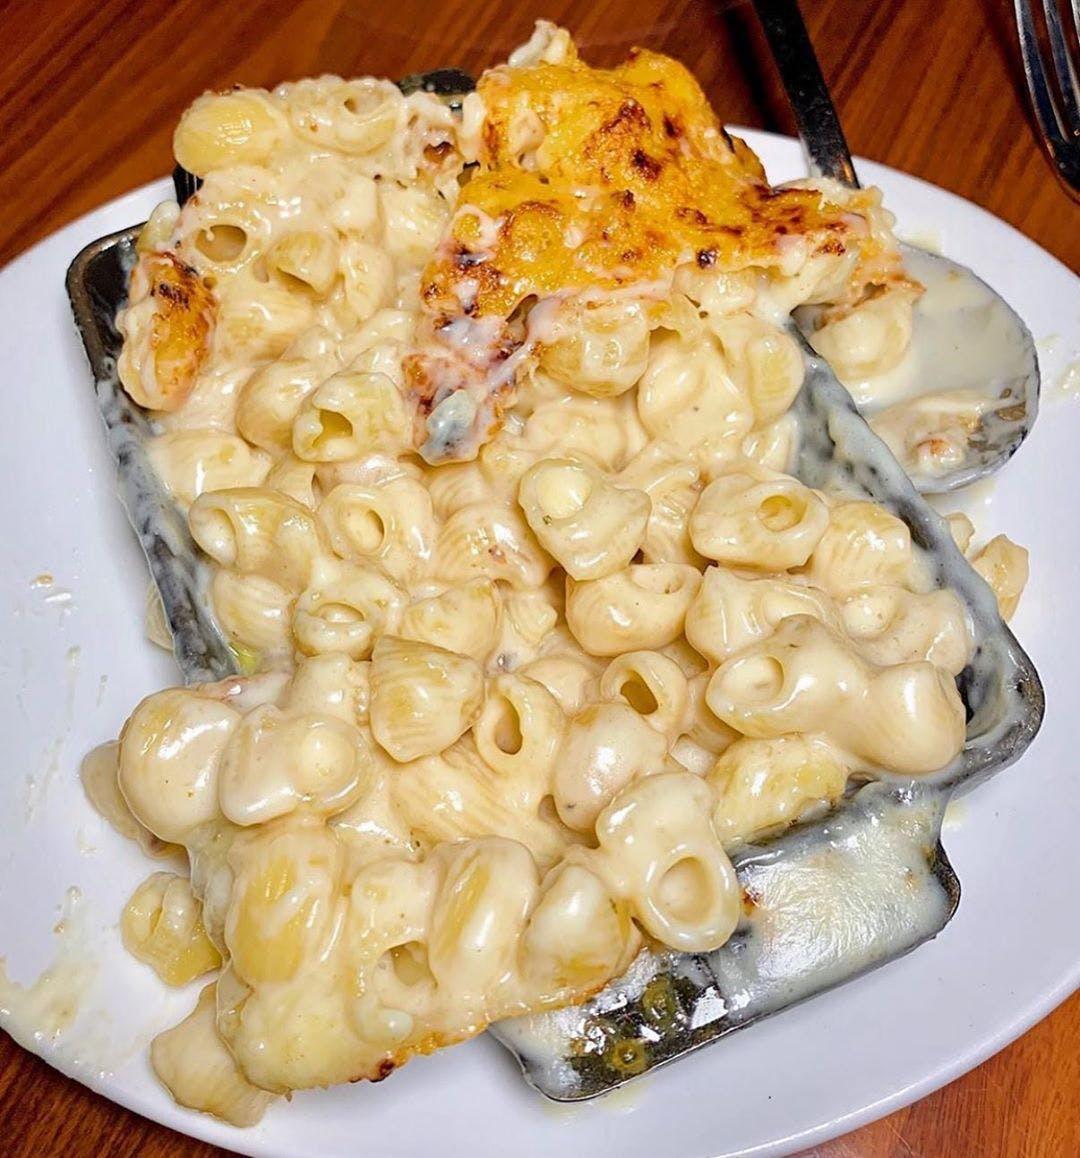 STK's Mac & Cheese